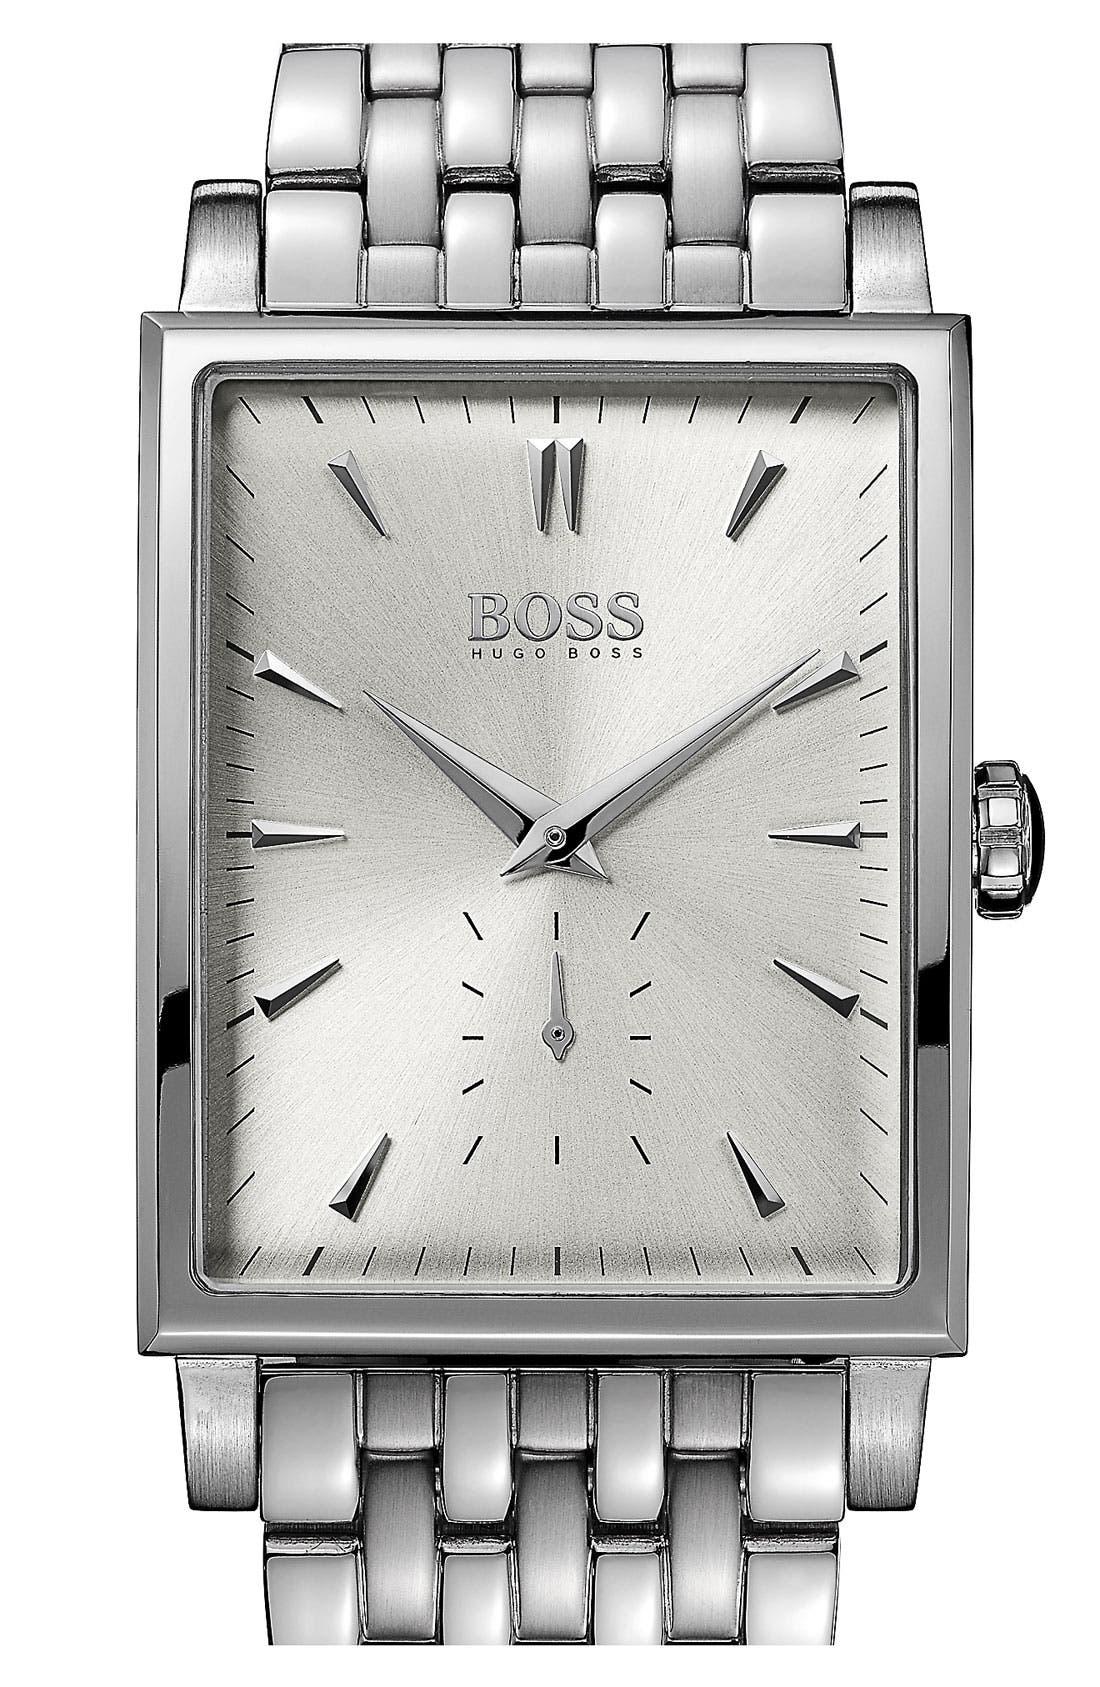 Main Image - BOSS HUGO BOSS Rectangular Bracelet Watch, 31mm x 39mm